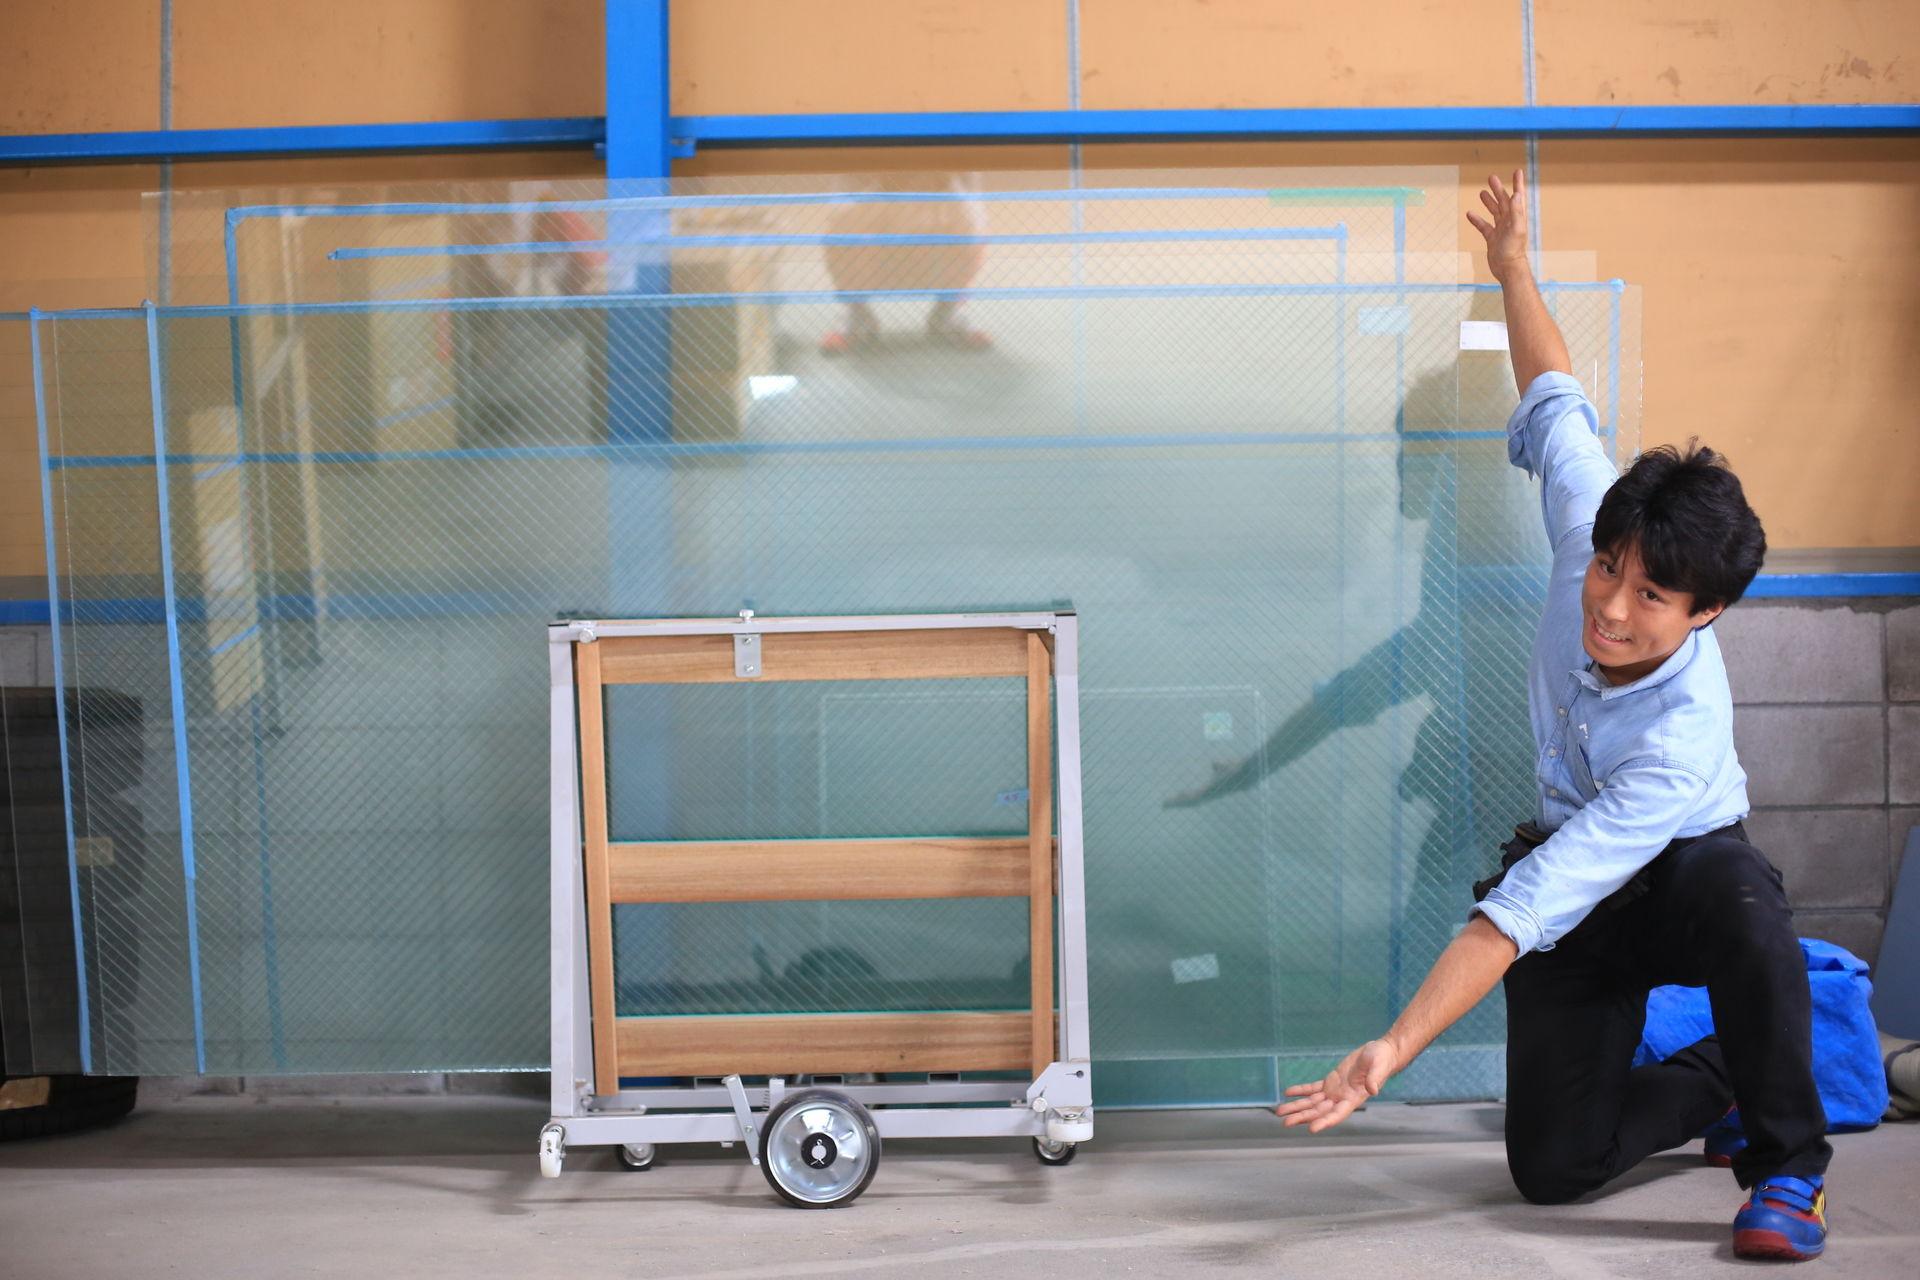 ガラスのトラブル救急車【習志野市 出張エリア】の店内・外観画像2